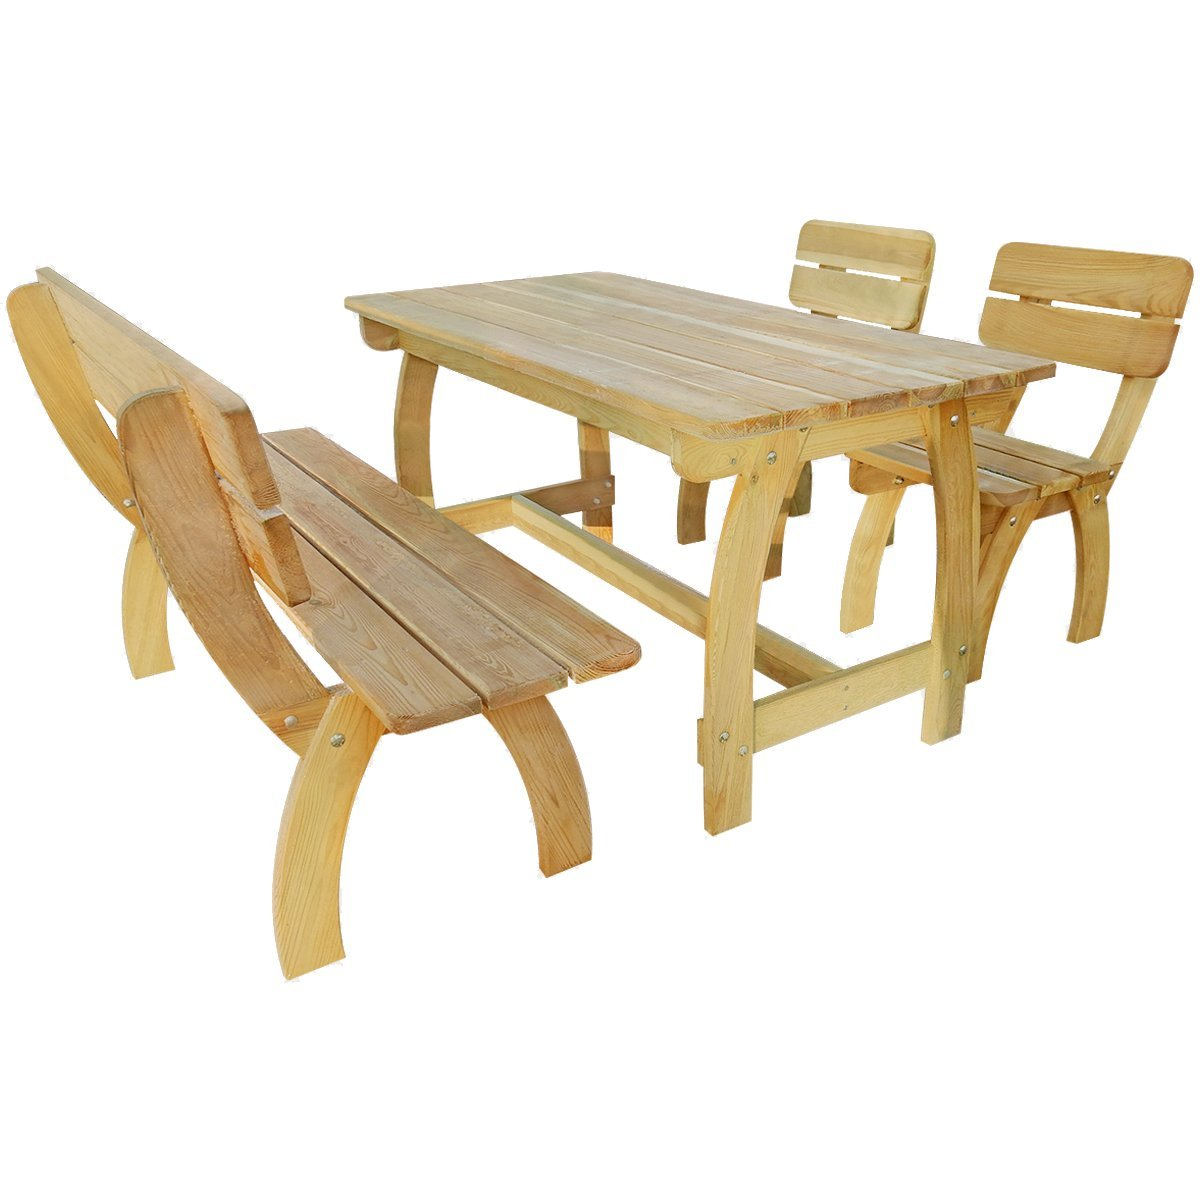 Amazon.de: vidaXL Holz Gartenset Gartenmöbel Essgruppe Sitzgruppe ...